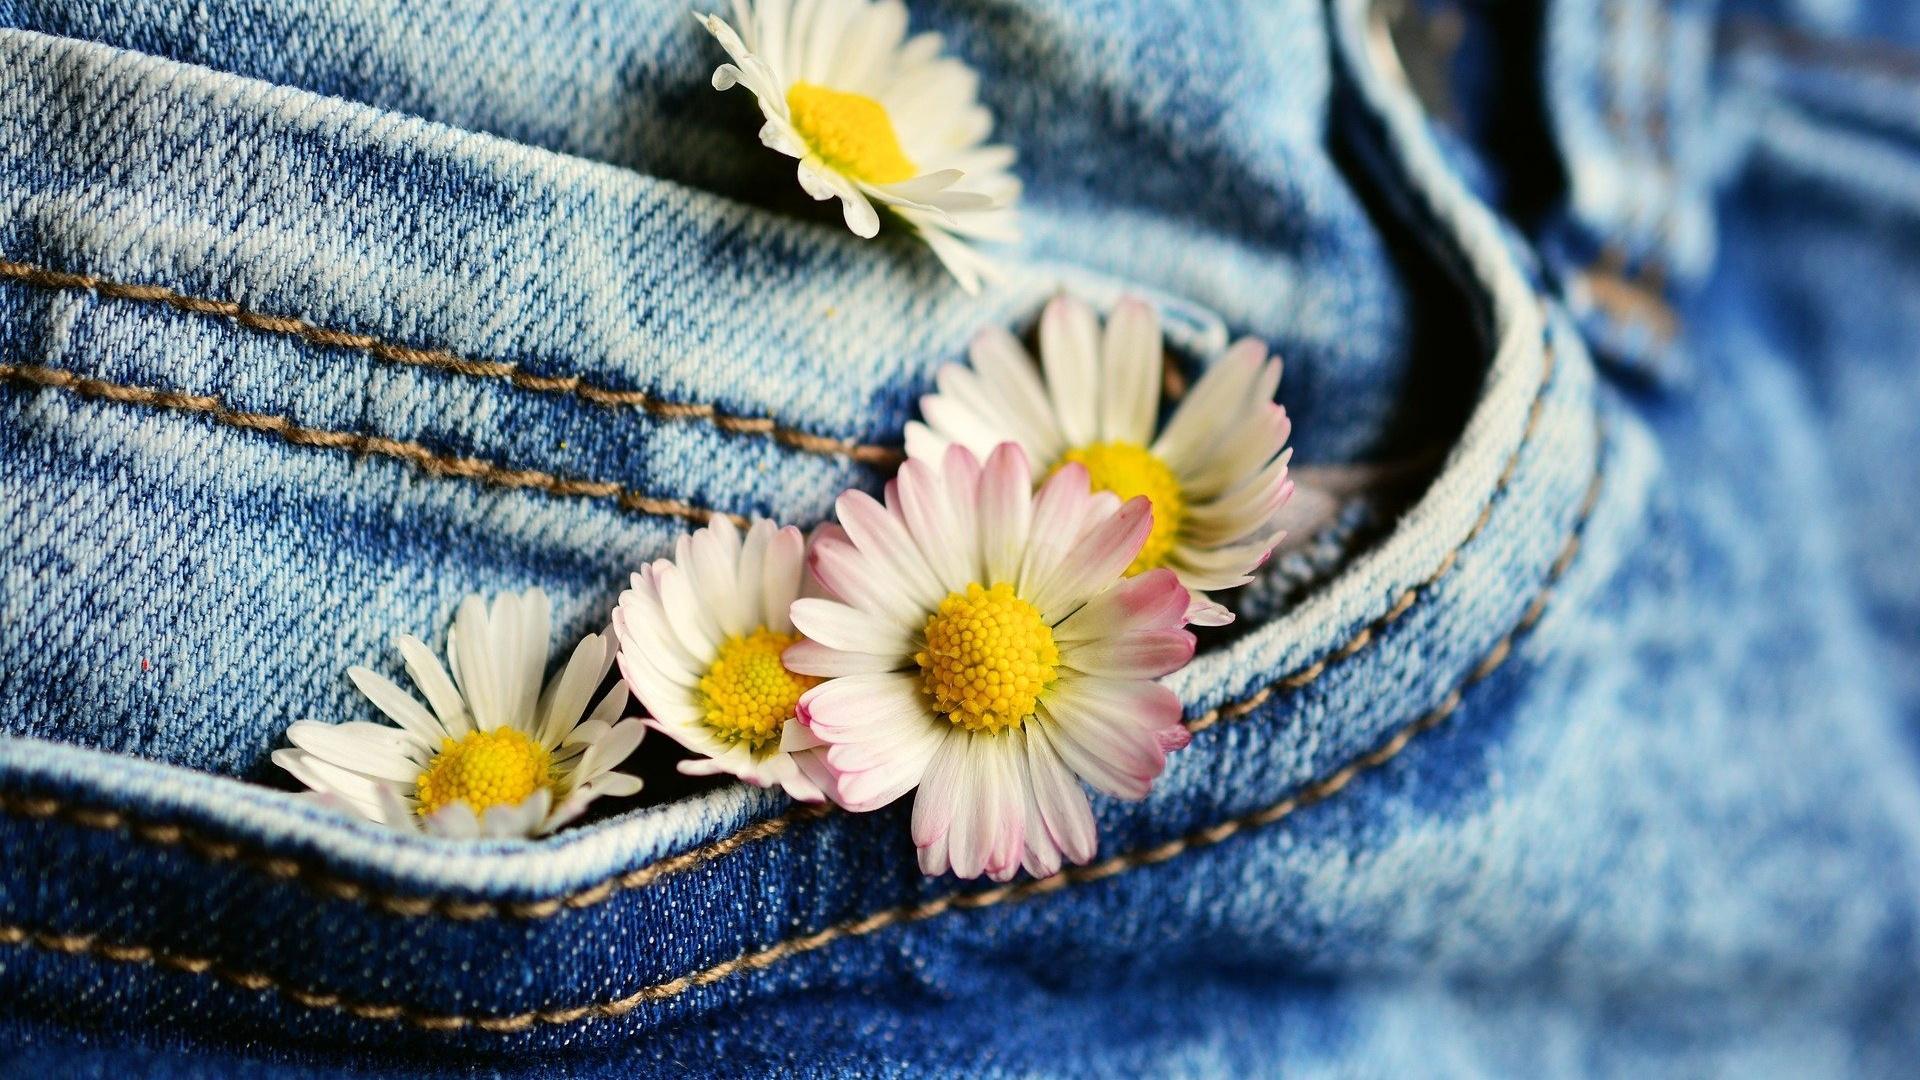 Nachhaltig kleiden - Tipps für mehr Umweltfreundlichkeit